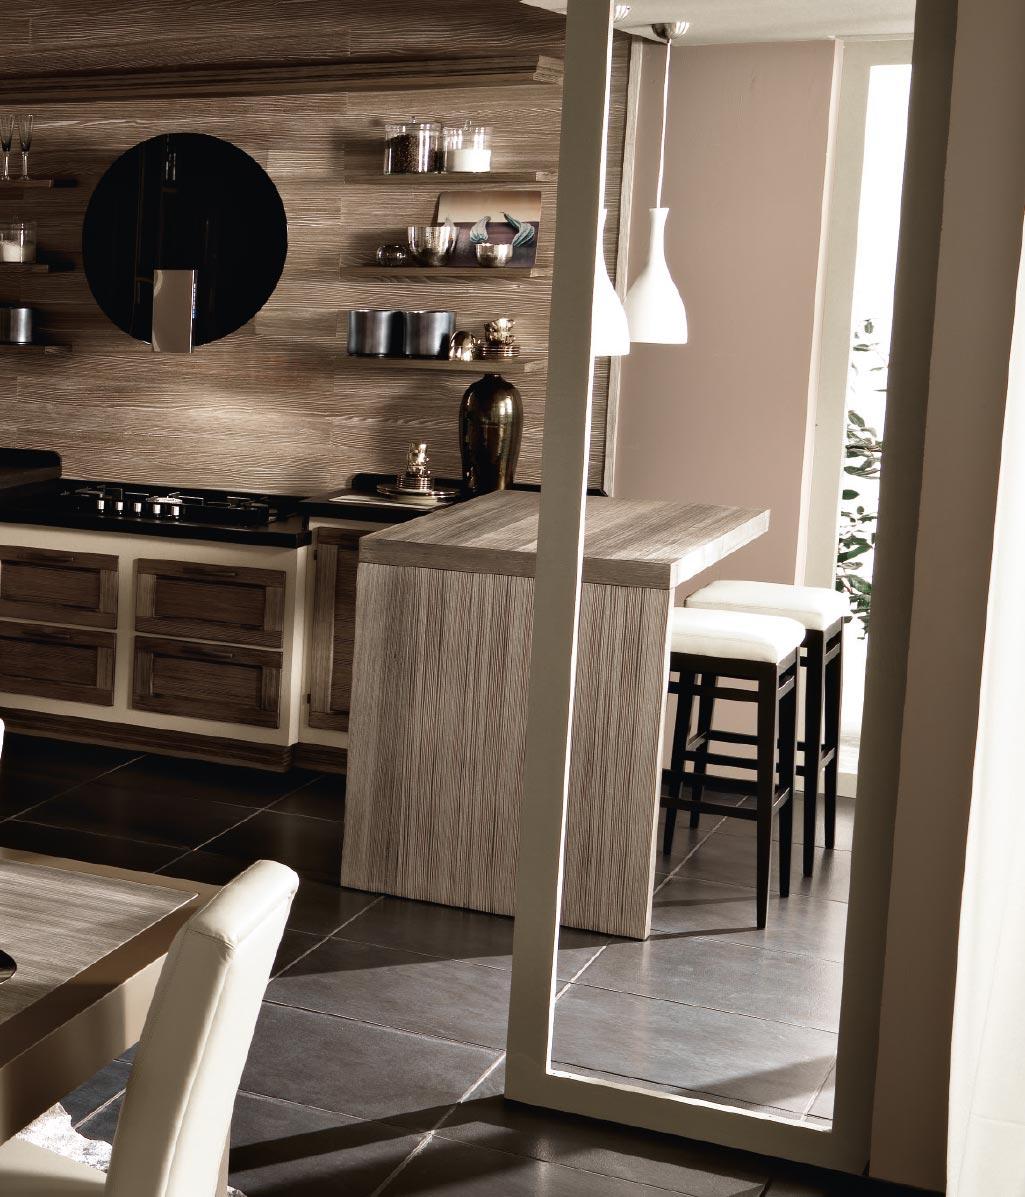 Obi cucine best pannelli retro cucina obi le migliori - Pannelli per retro cucina ...